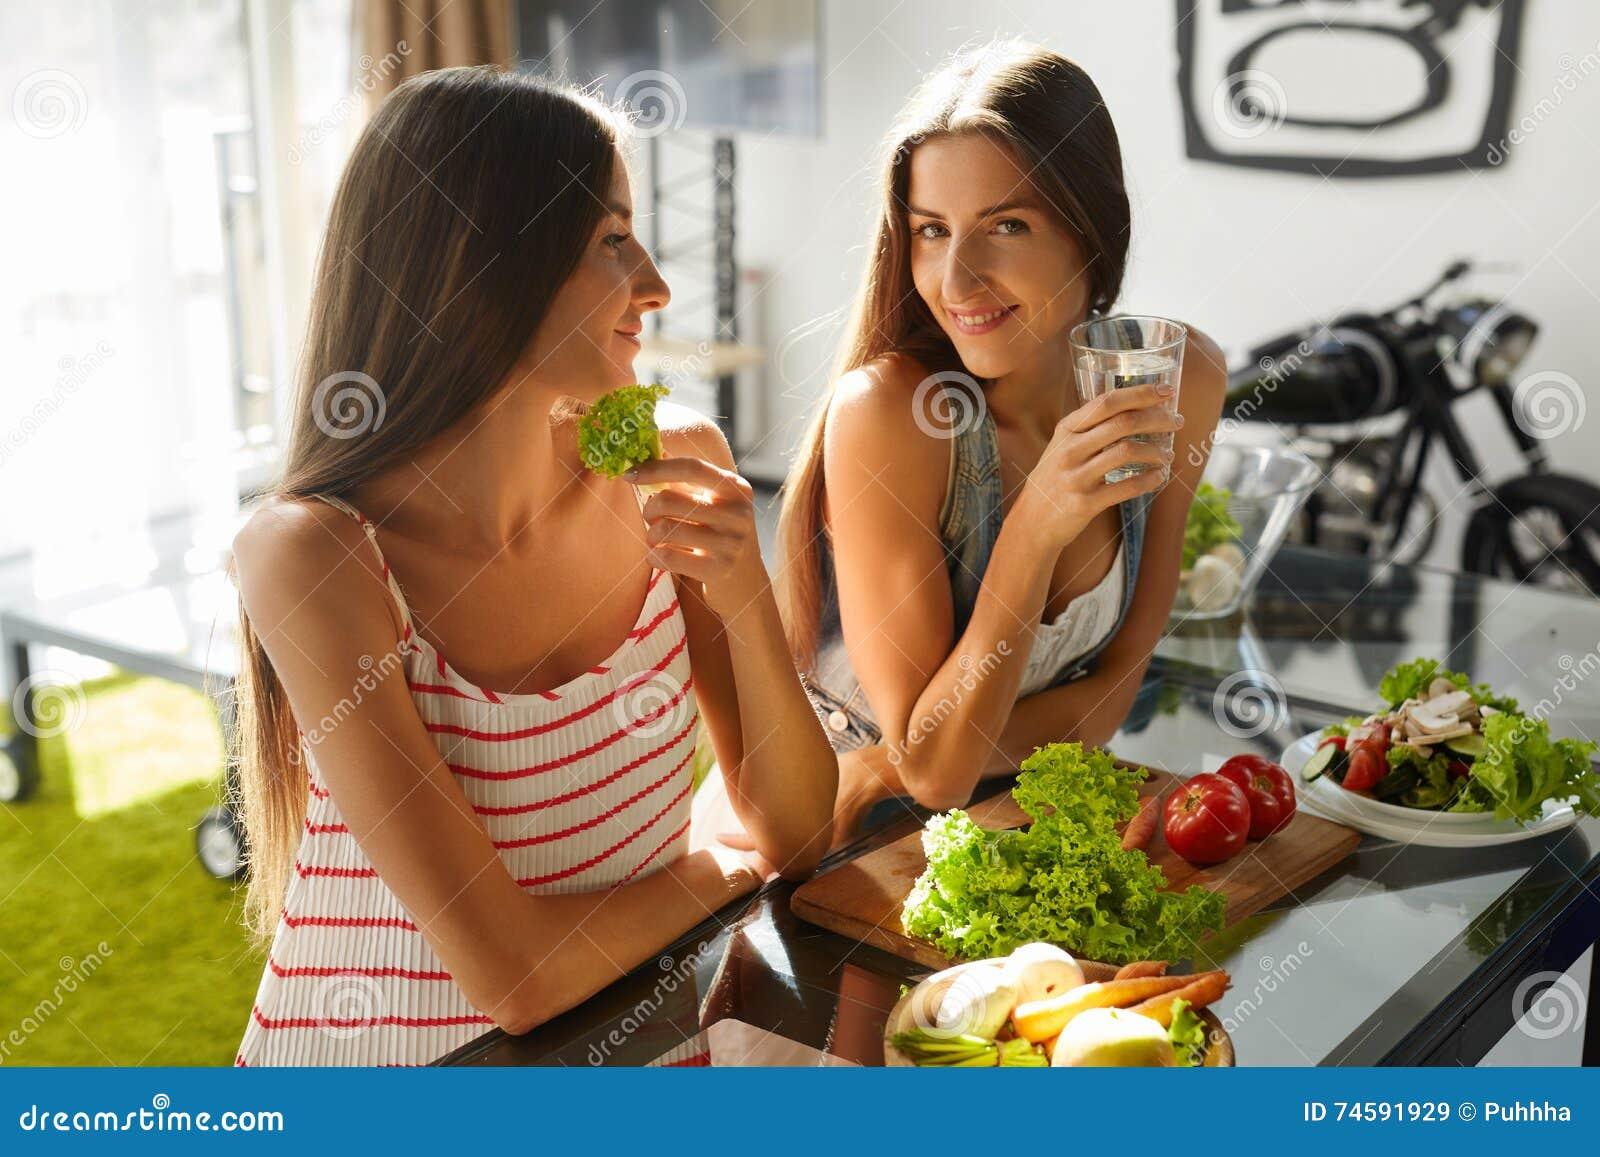 Raw Food Detox Diet Results